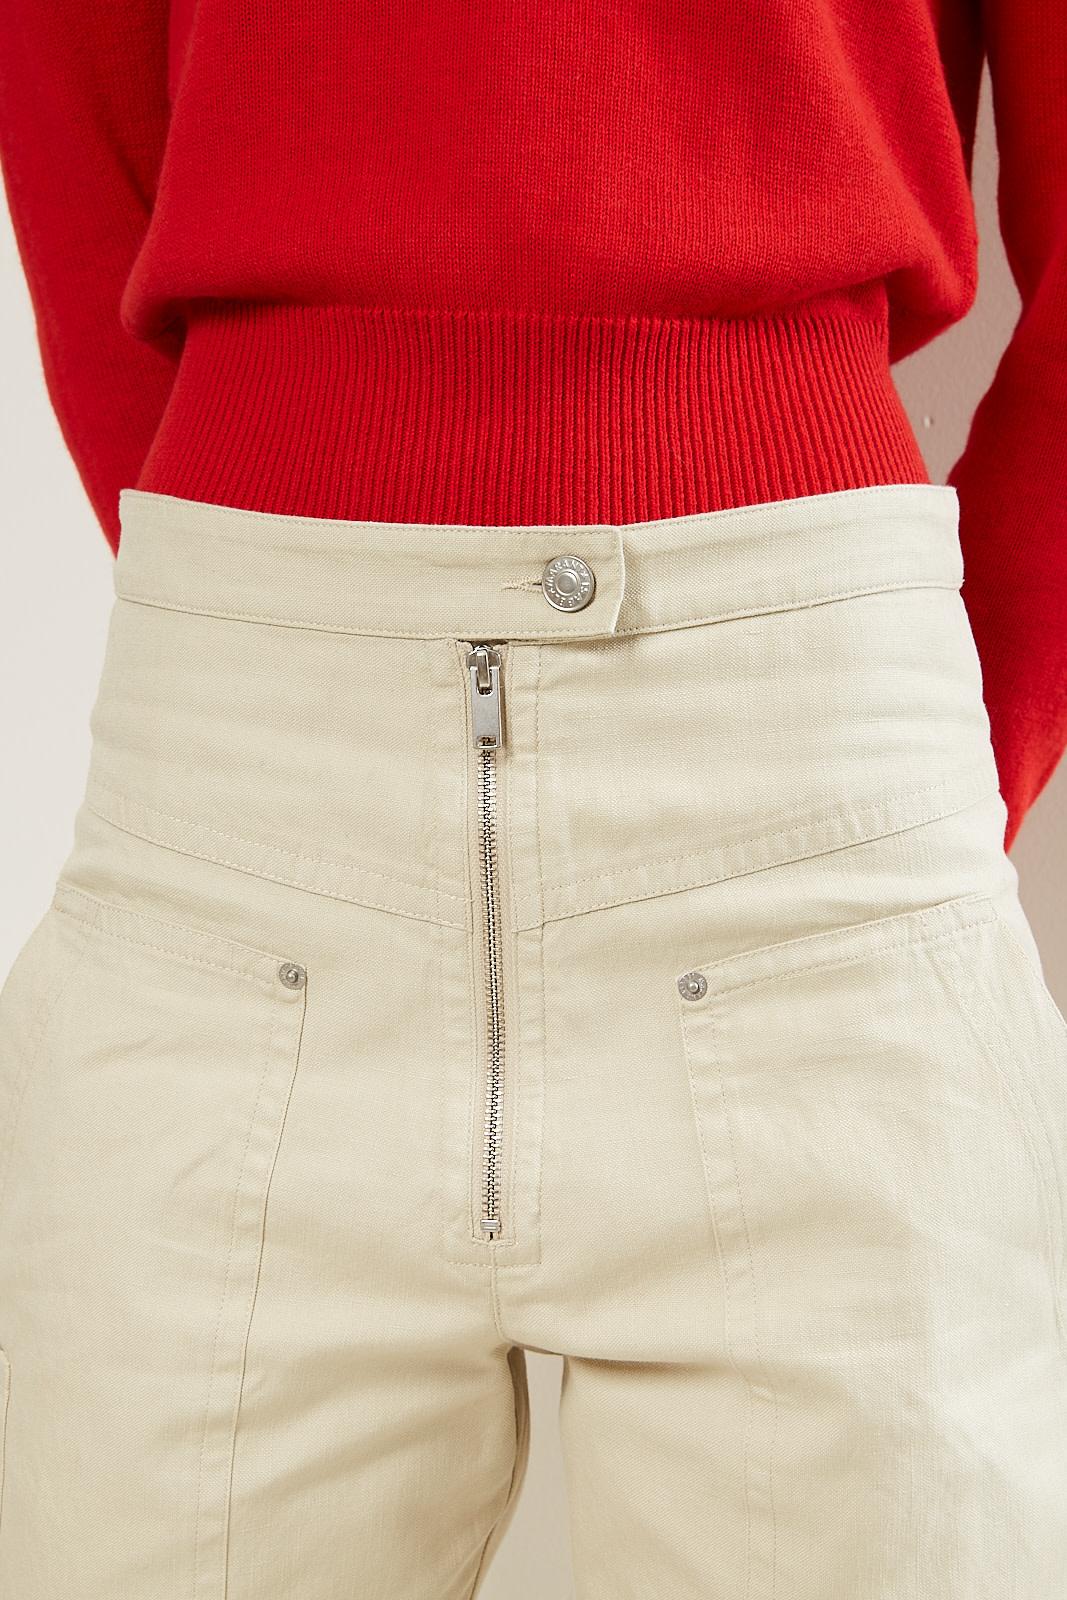 Etoile Isabel Marant - Phil heavy cotton pants